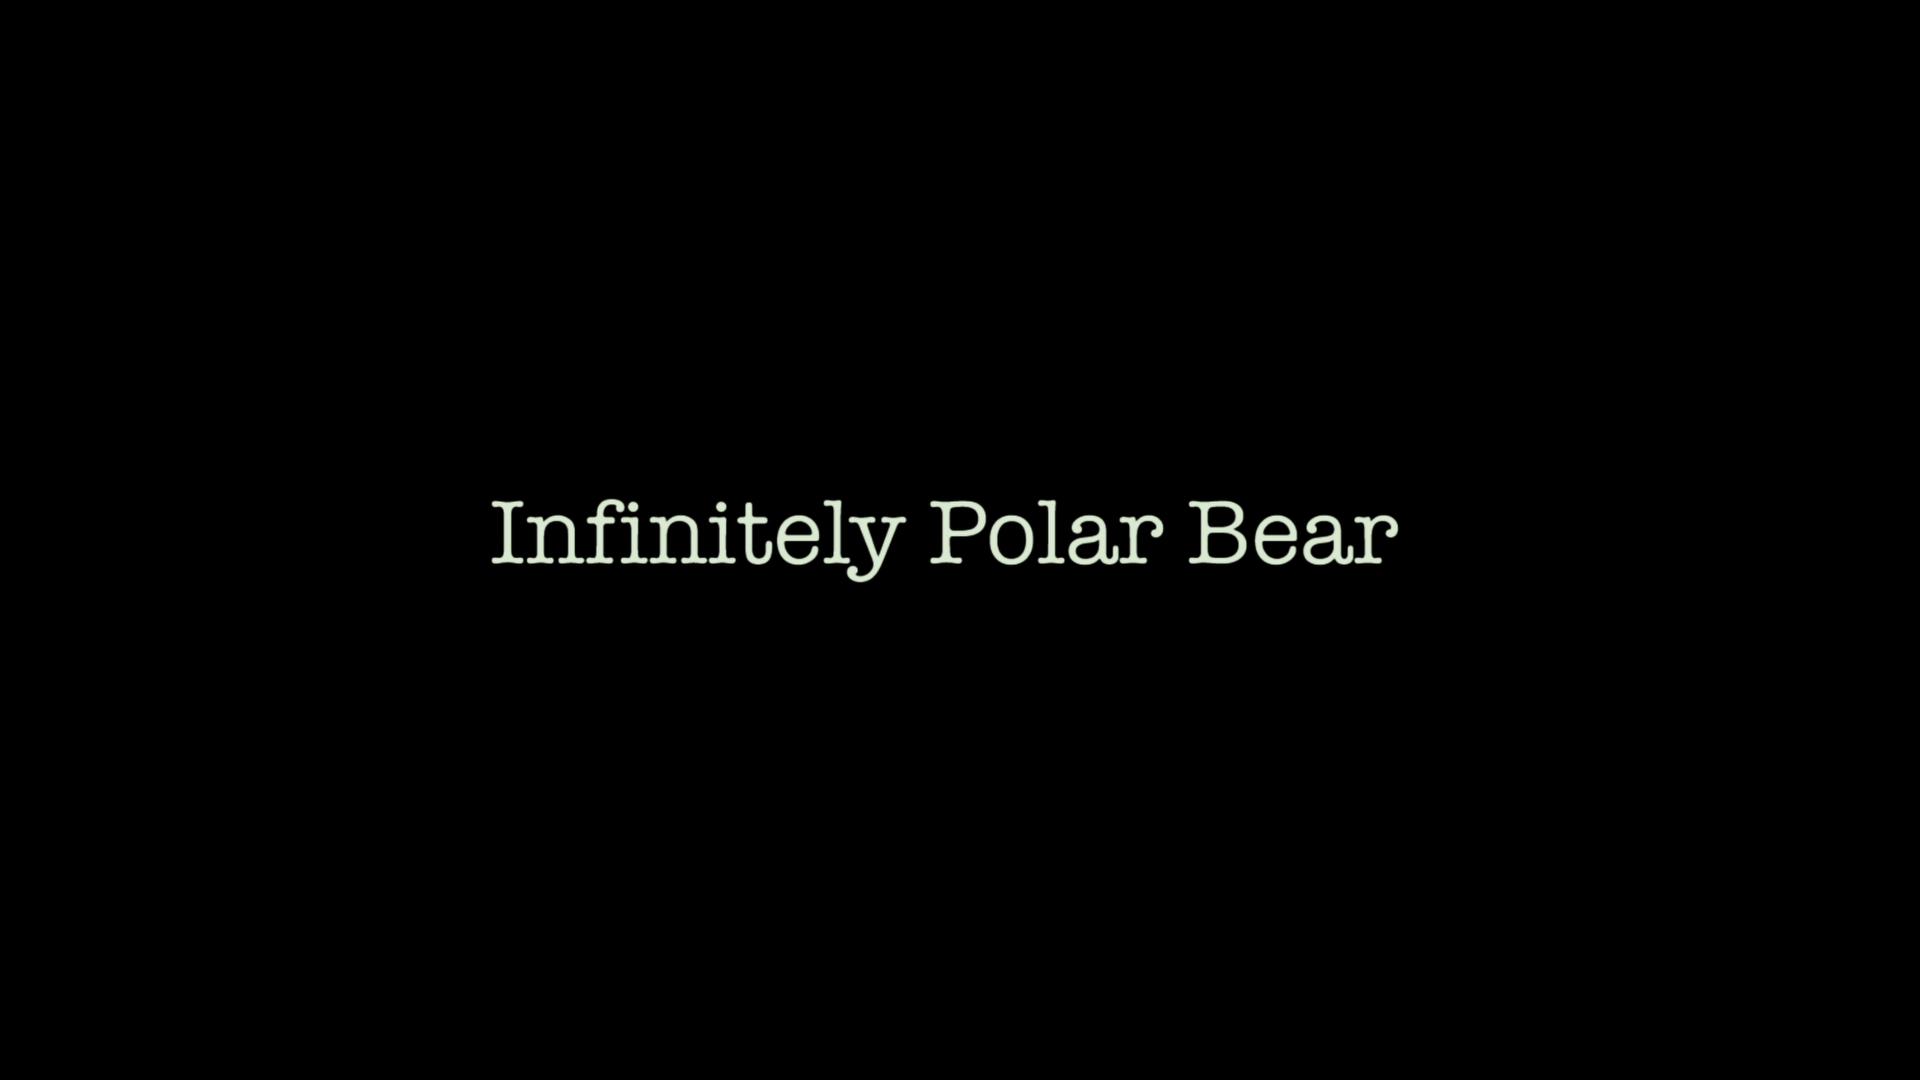 cdffadeedaacbf-polar-bears-wallpaper-wp3601229